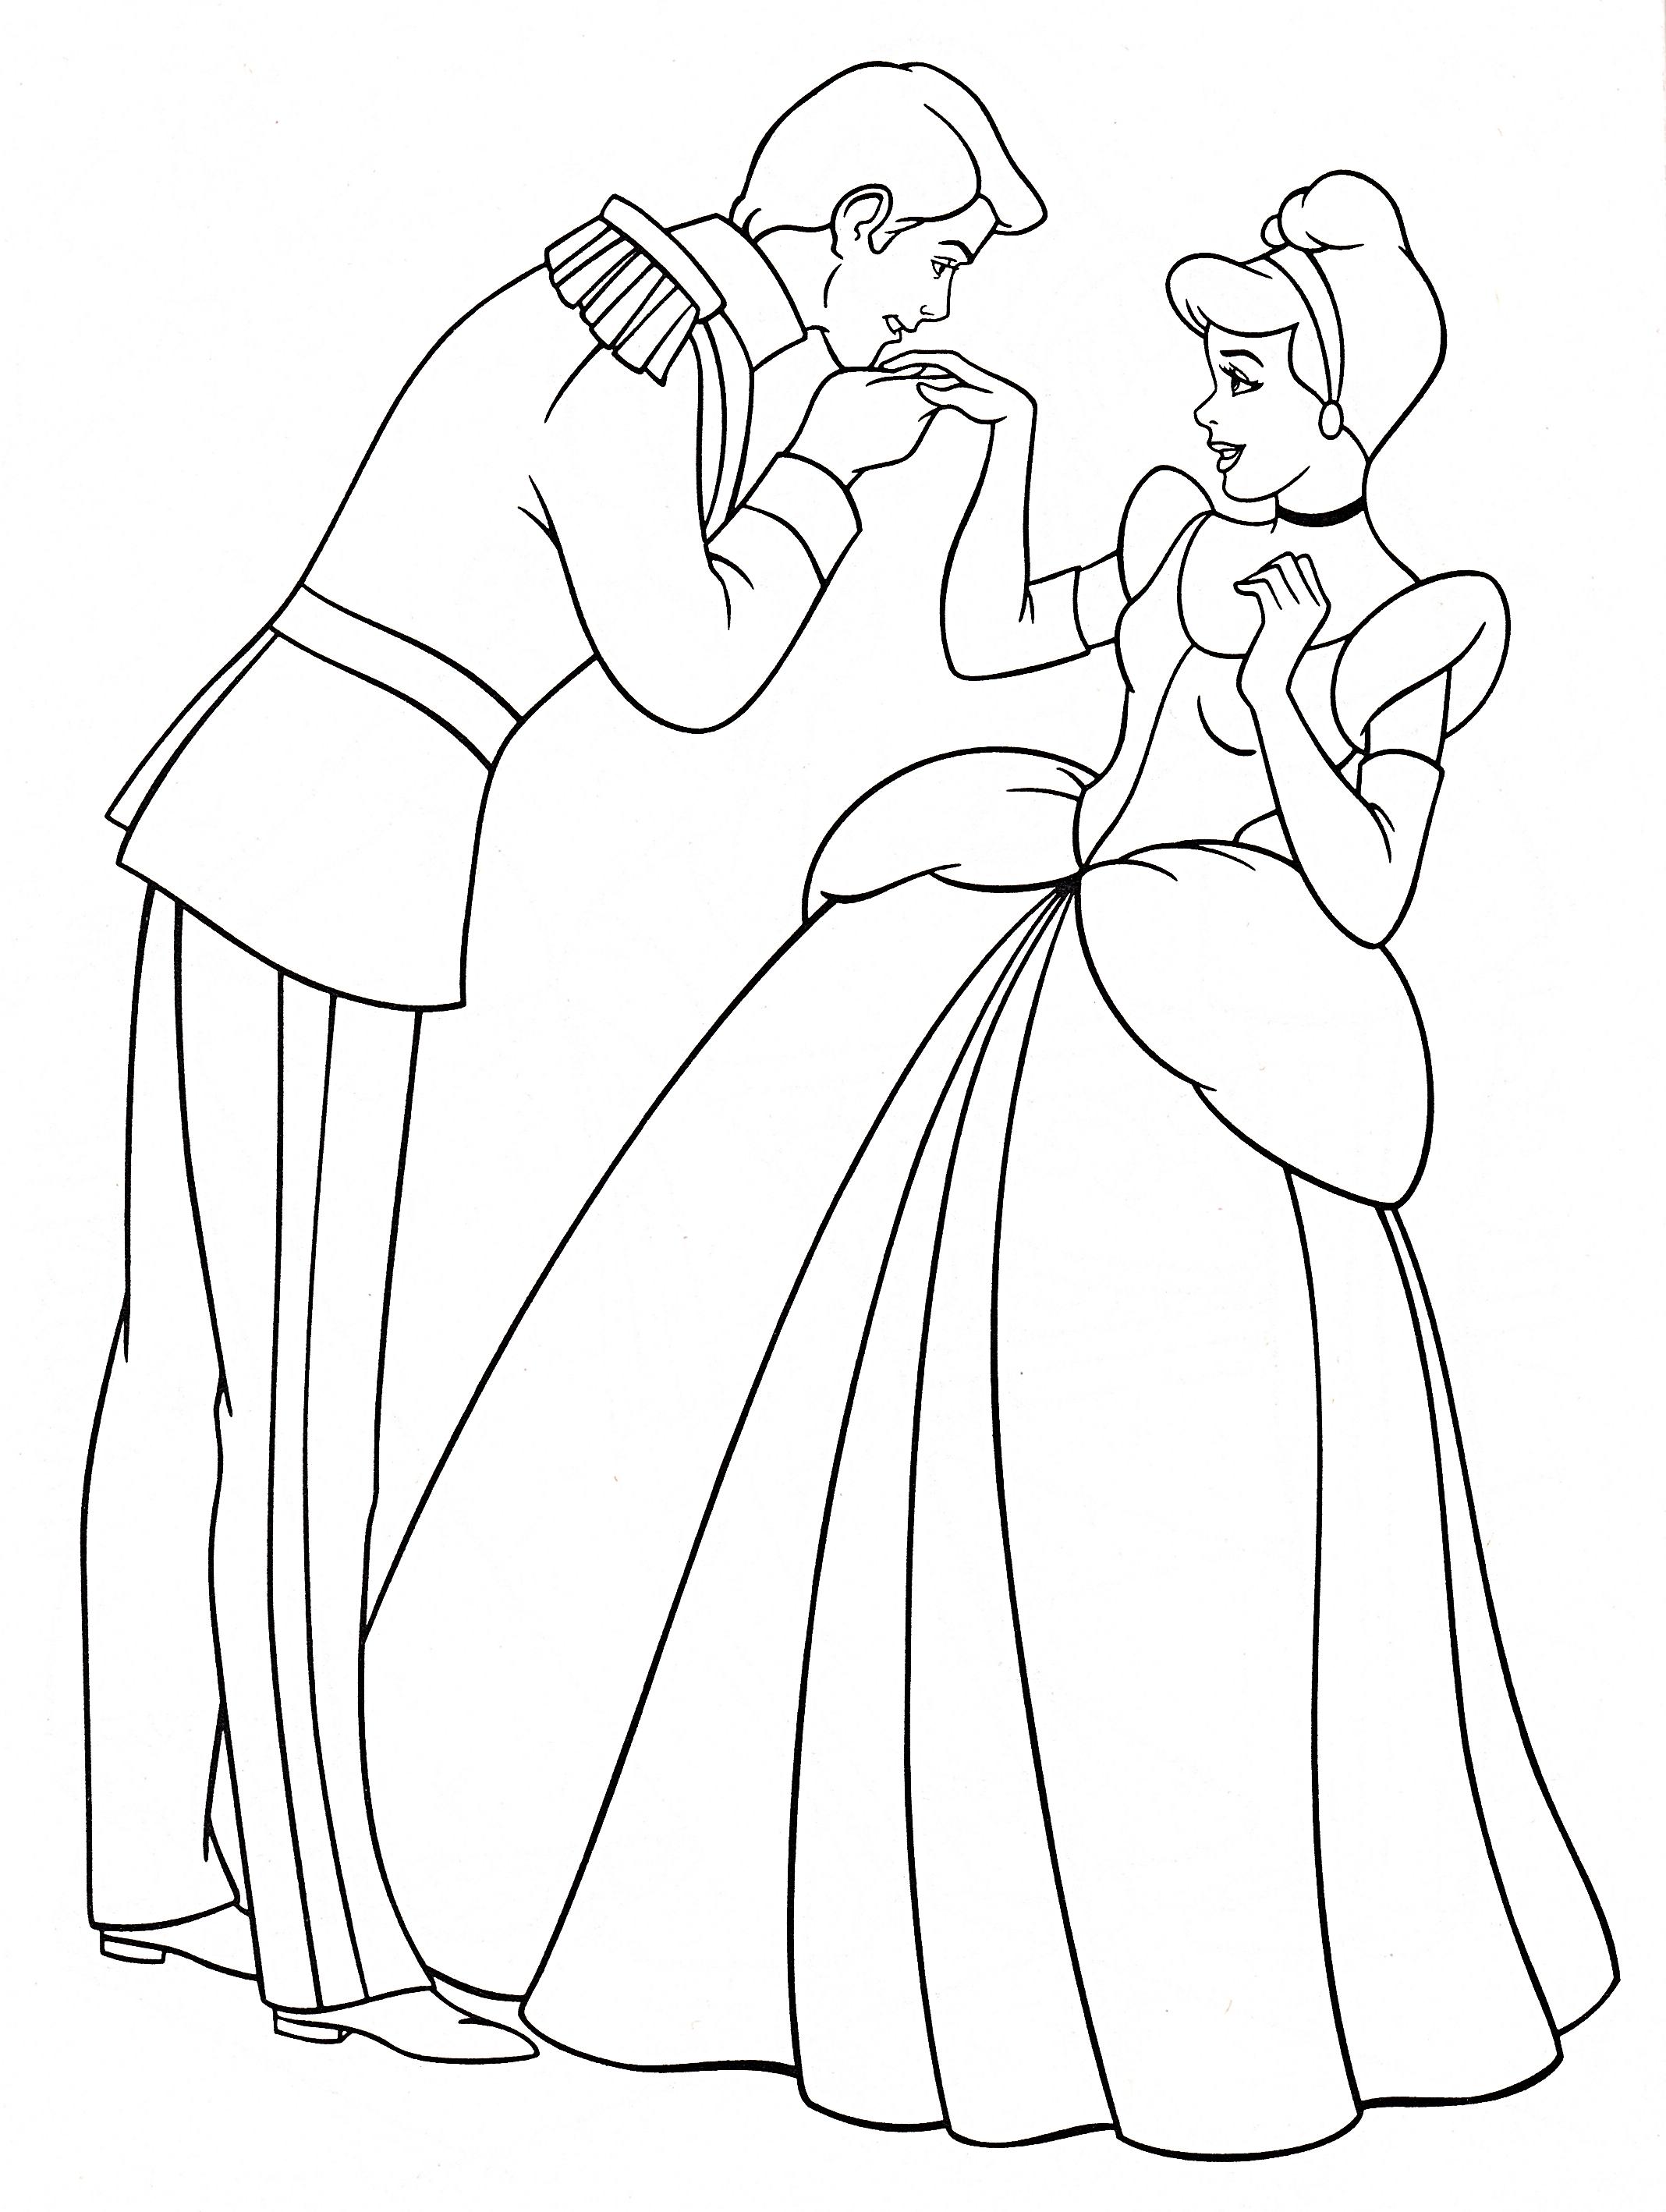 Disney Descendants Villains Coloring Pages Coloring Pages